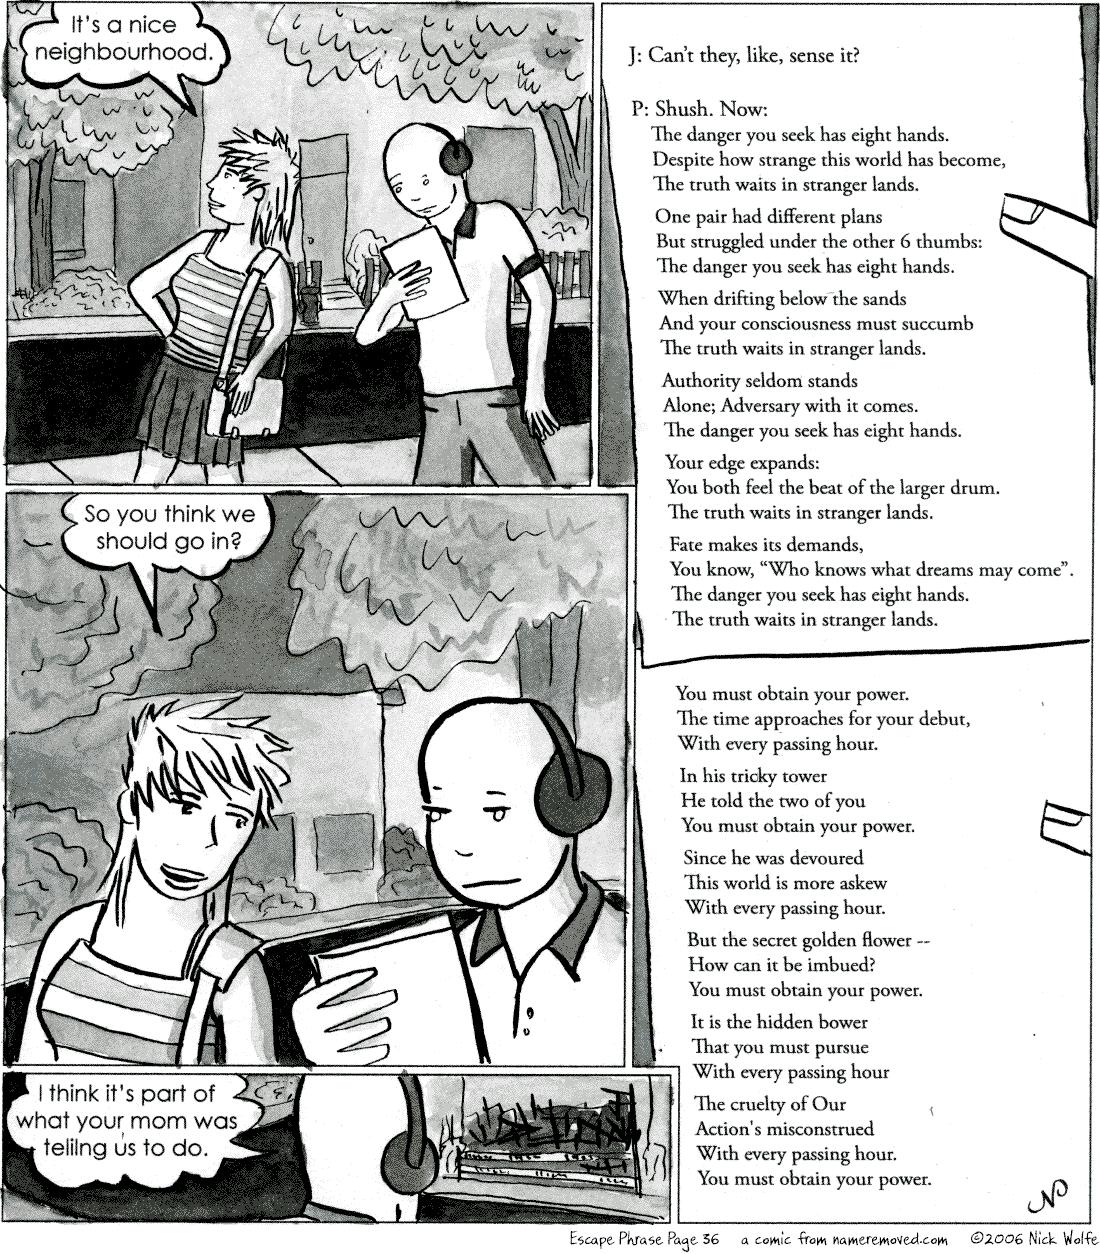 Escape Phrase 36